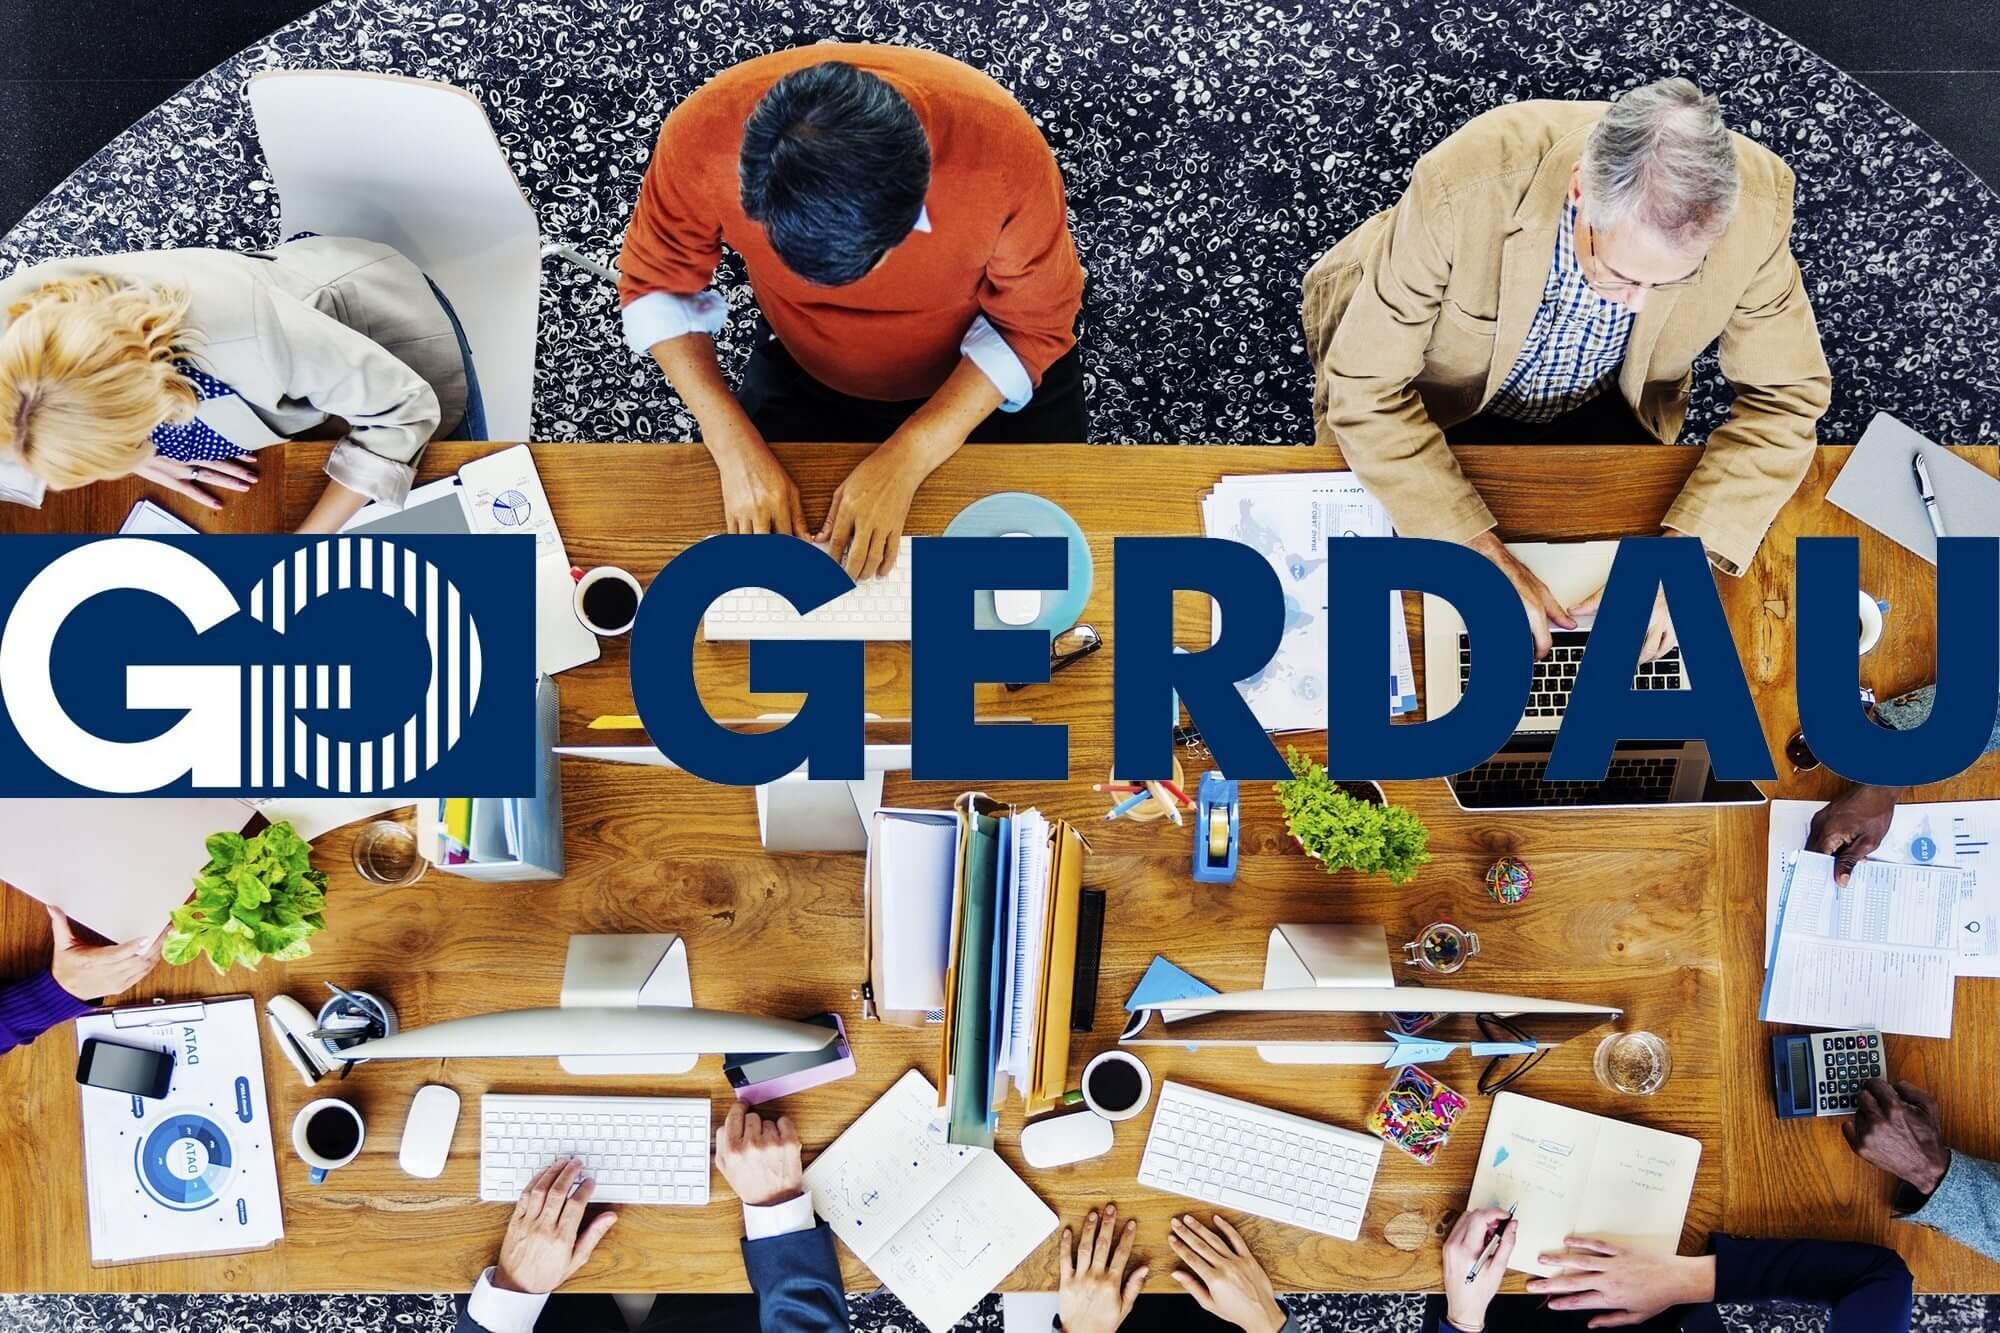 smt gerdau capa - Gerdau realiza seu primeiro Hackathon em São Paulo